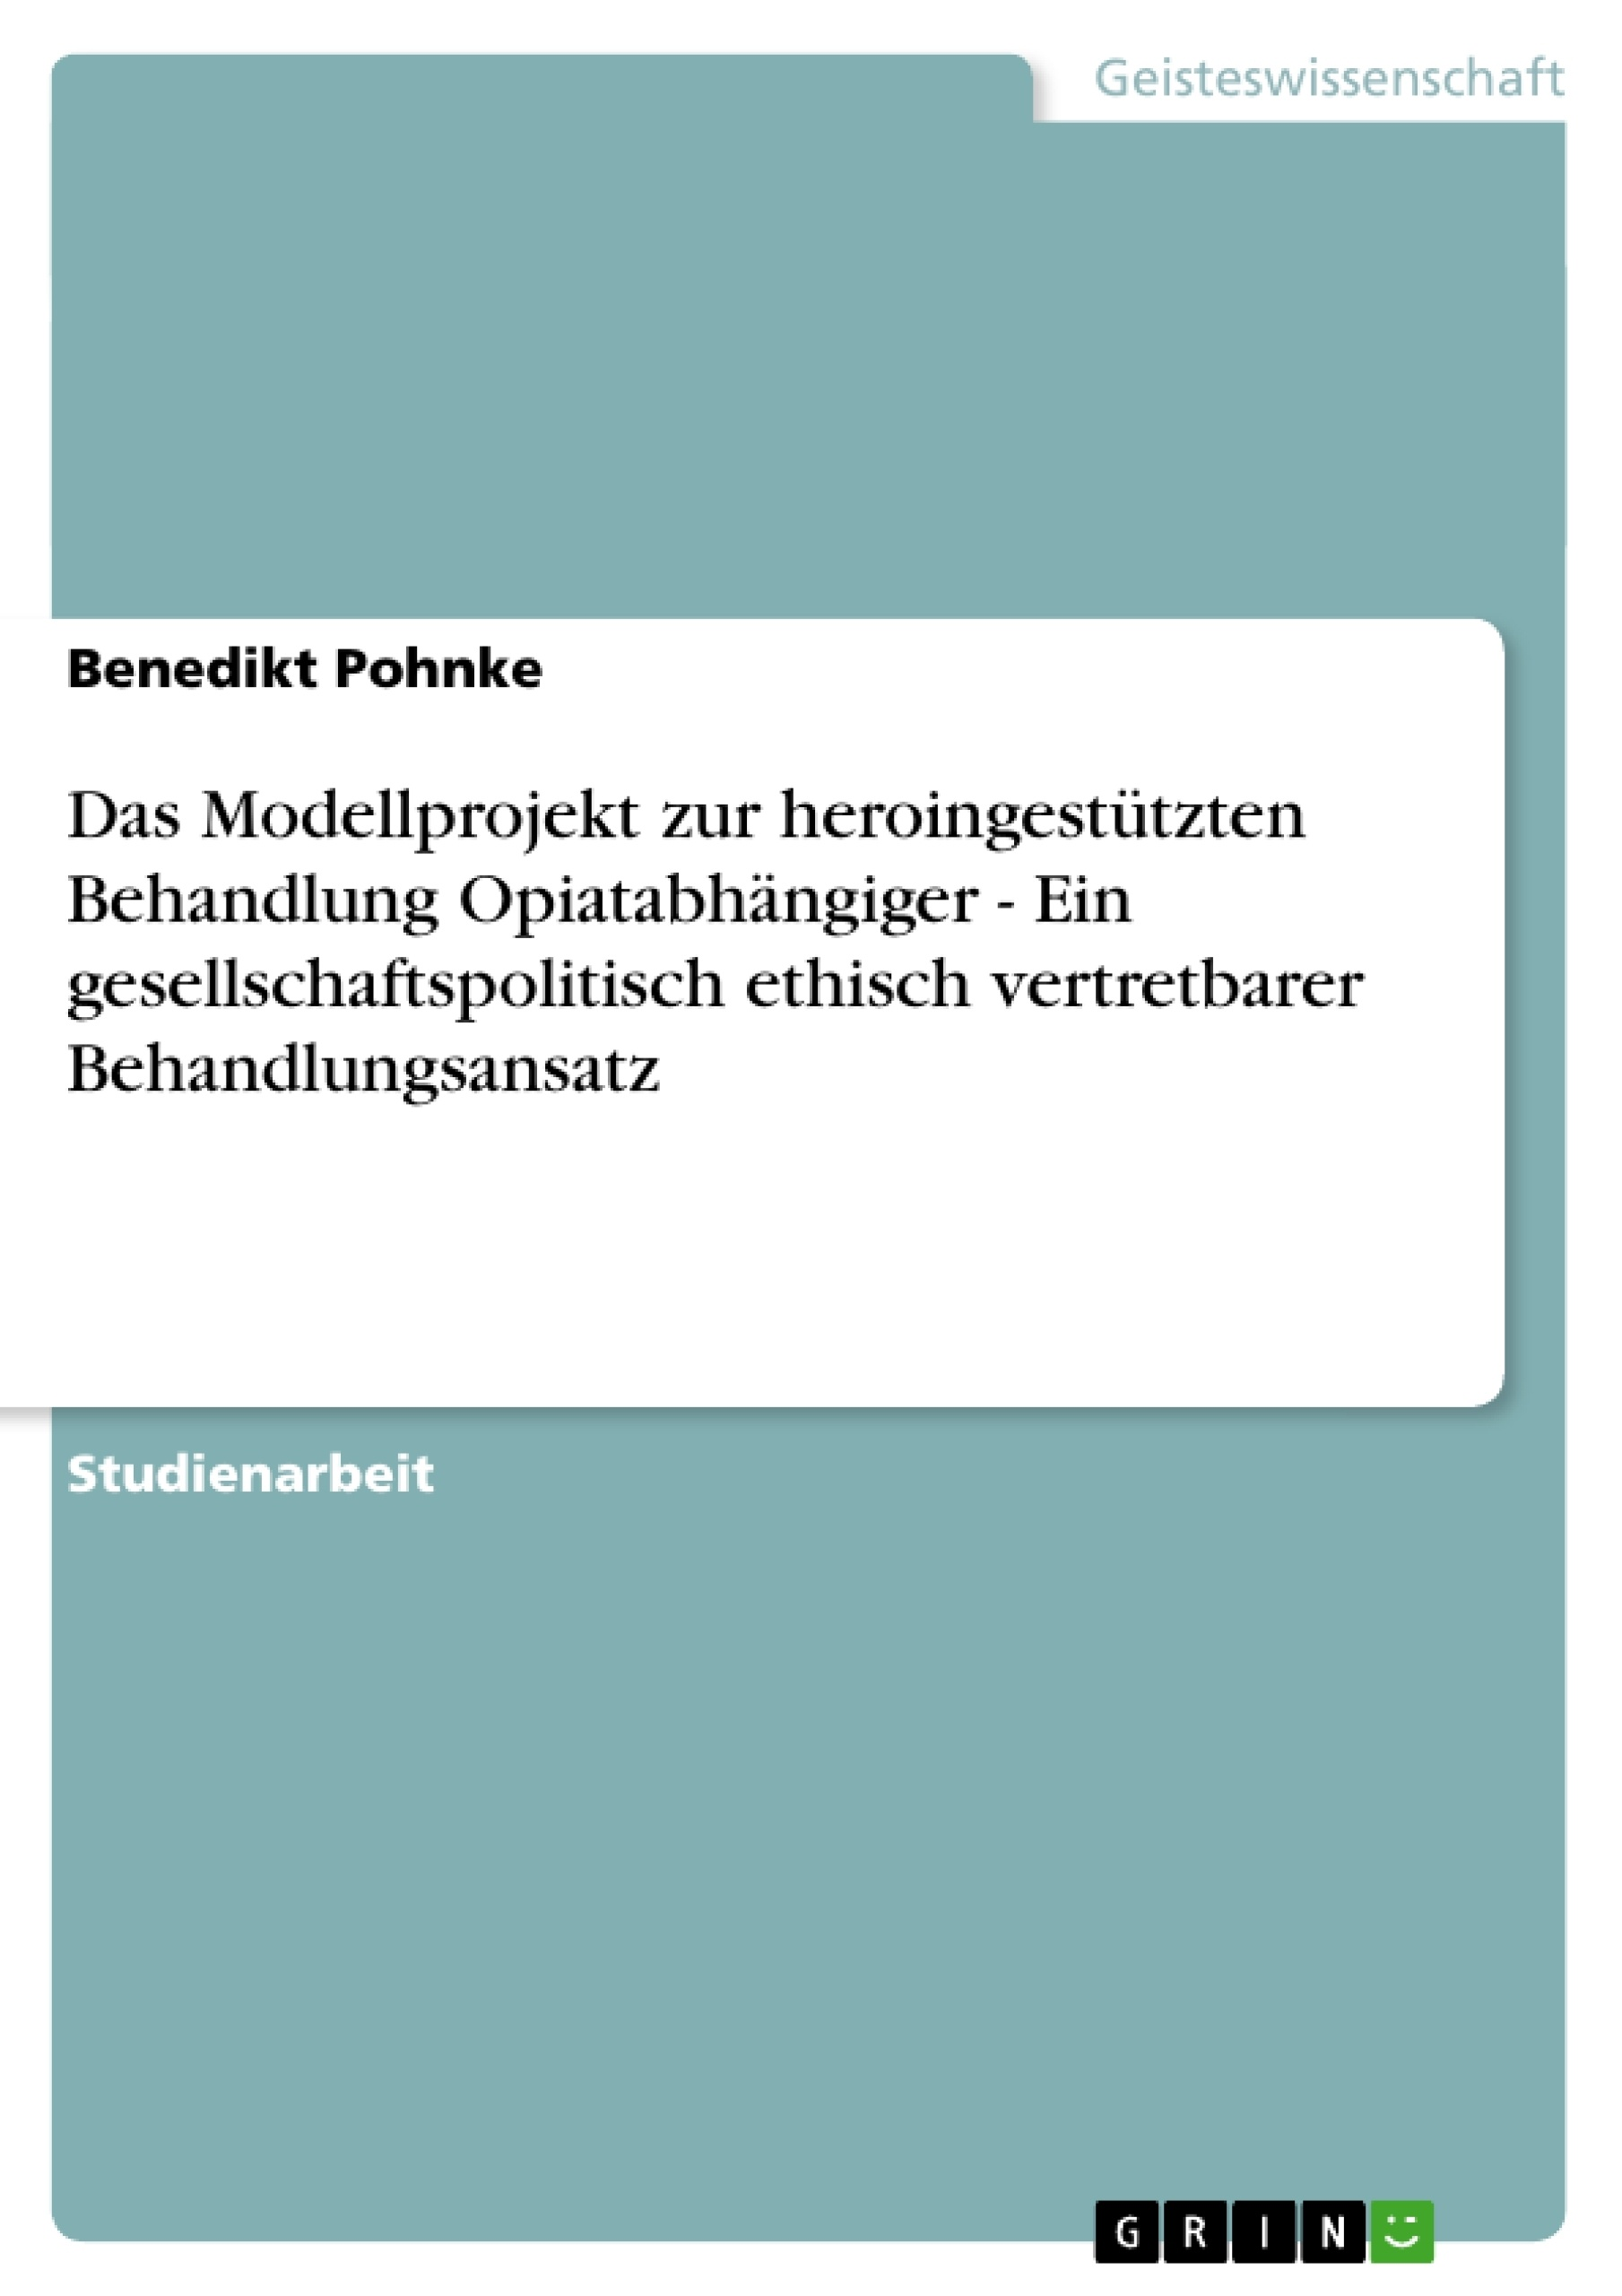 Titel: Das Modellprojekt zur heroingestützten Behandlung Opiatabhängiger - Ein gesellschaftspolitisch ethisch vertretbarer Behandlungsansatz